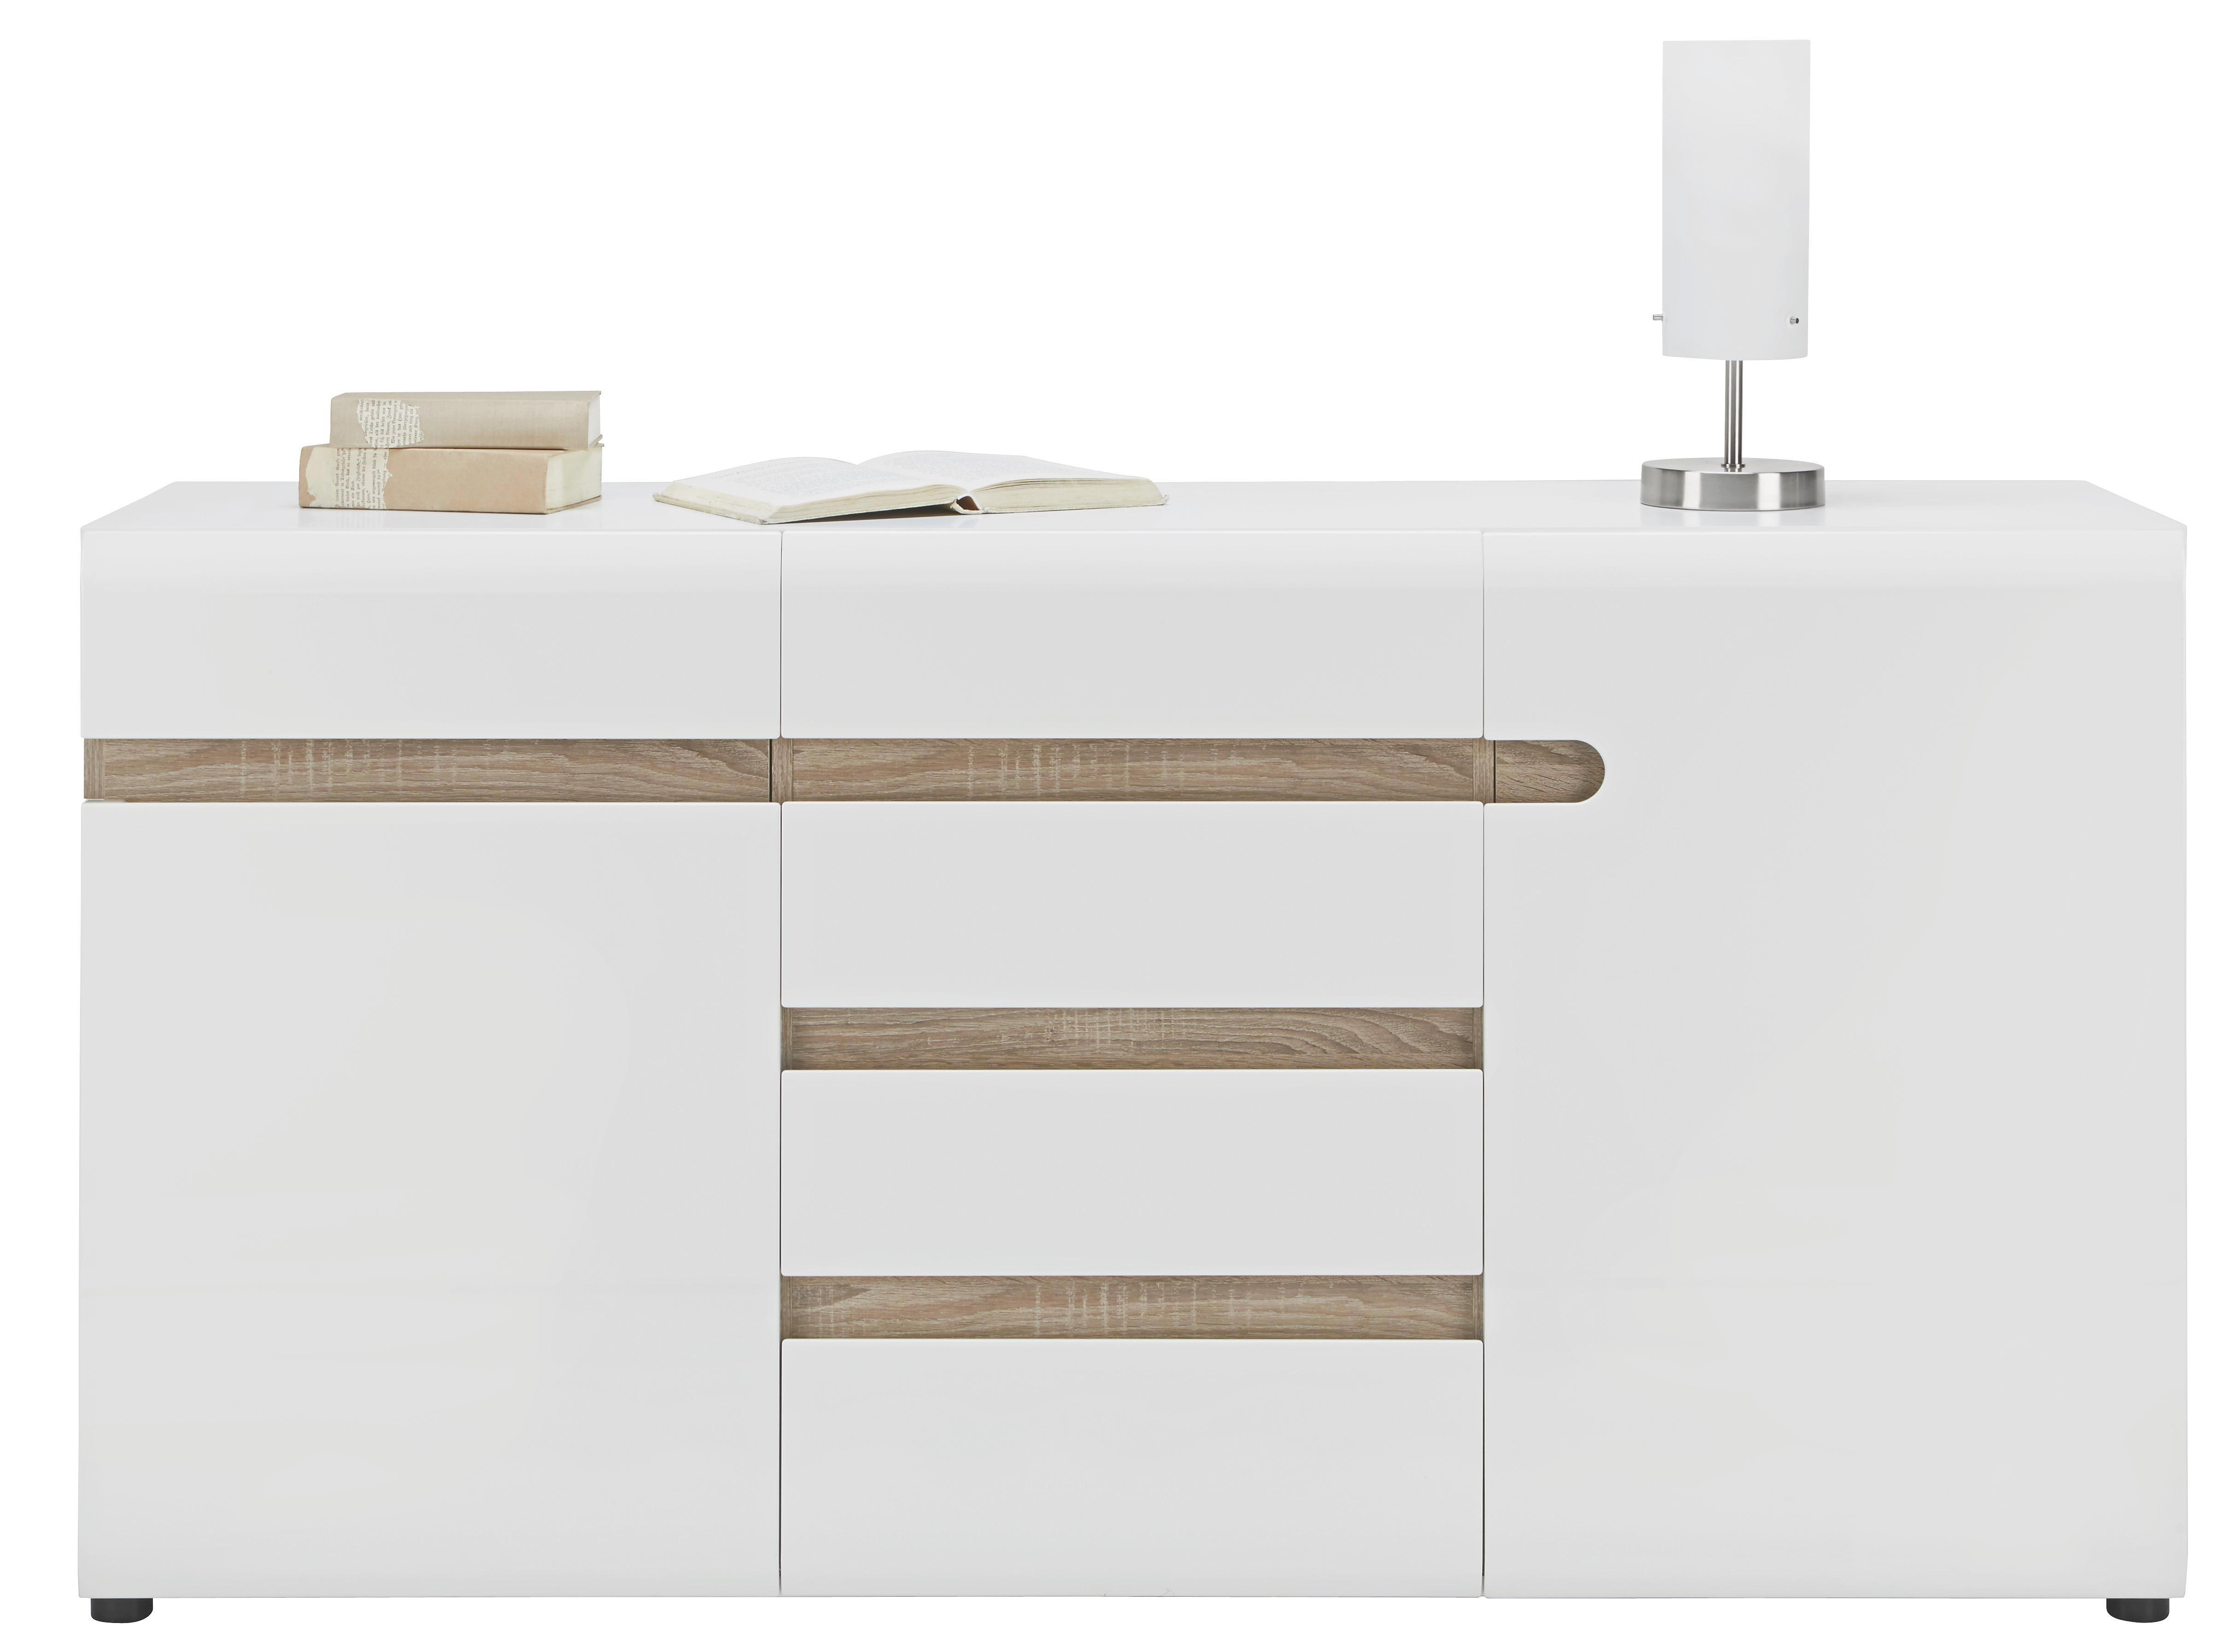 Sideboard in Weiß/Trüffel - MODERN, Holzwerkstoff/Kunststoff (164/87/42cm) - MÖMAX modern living